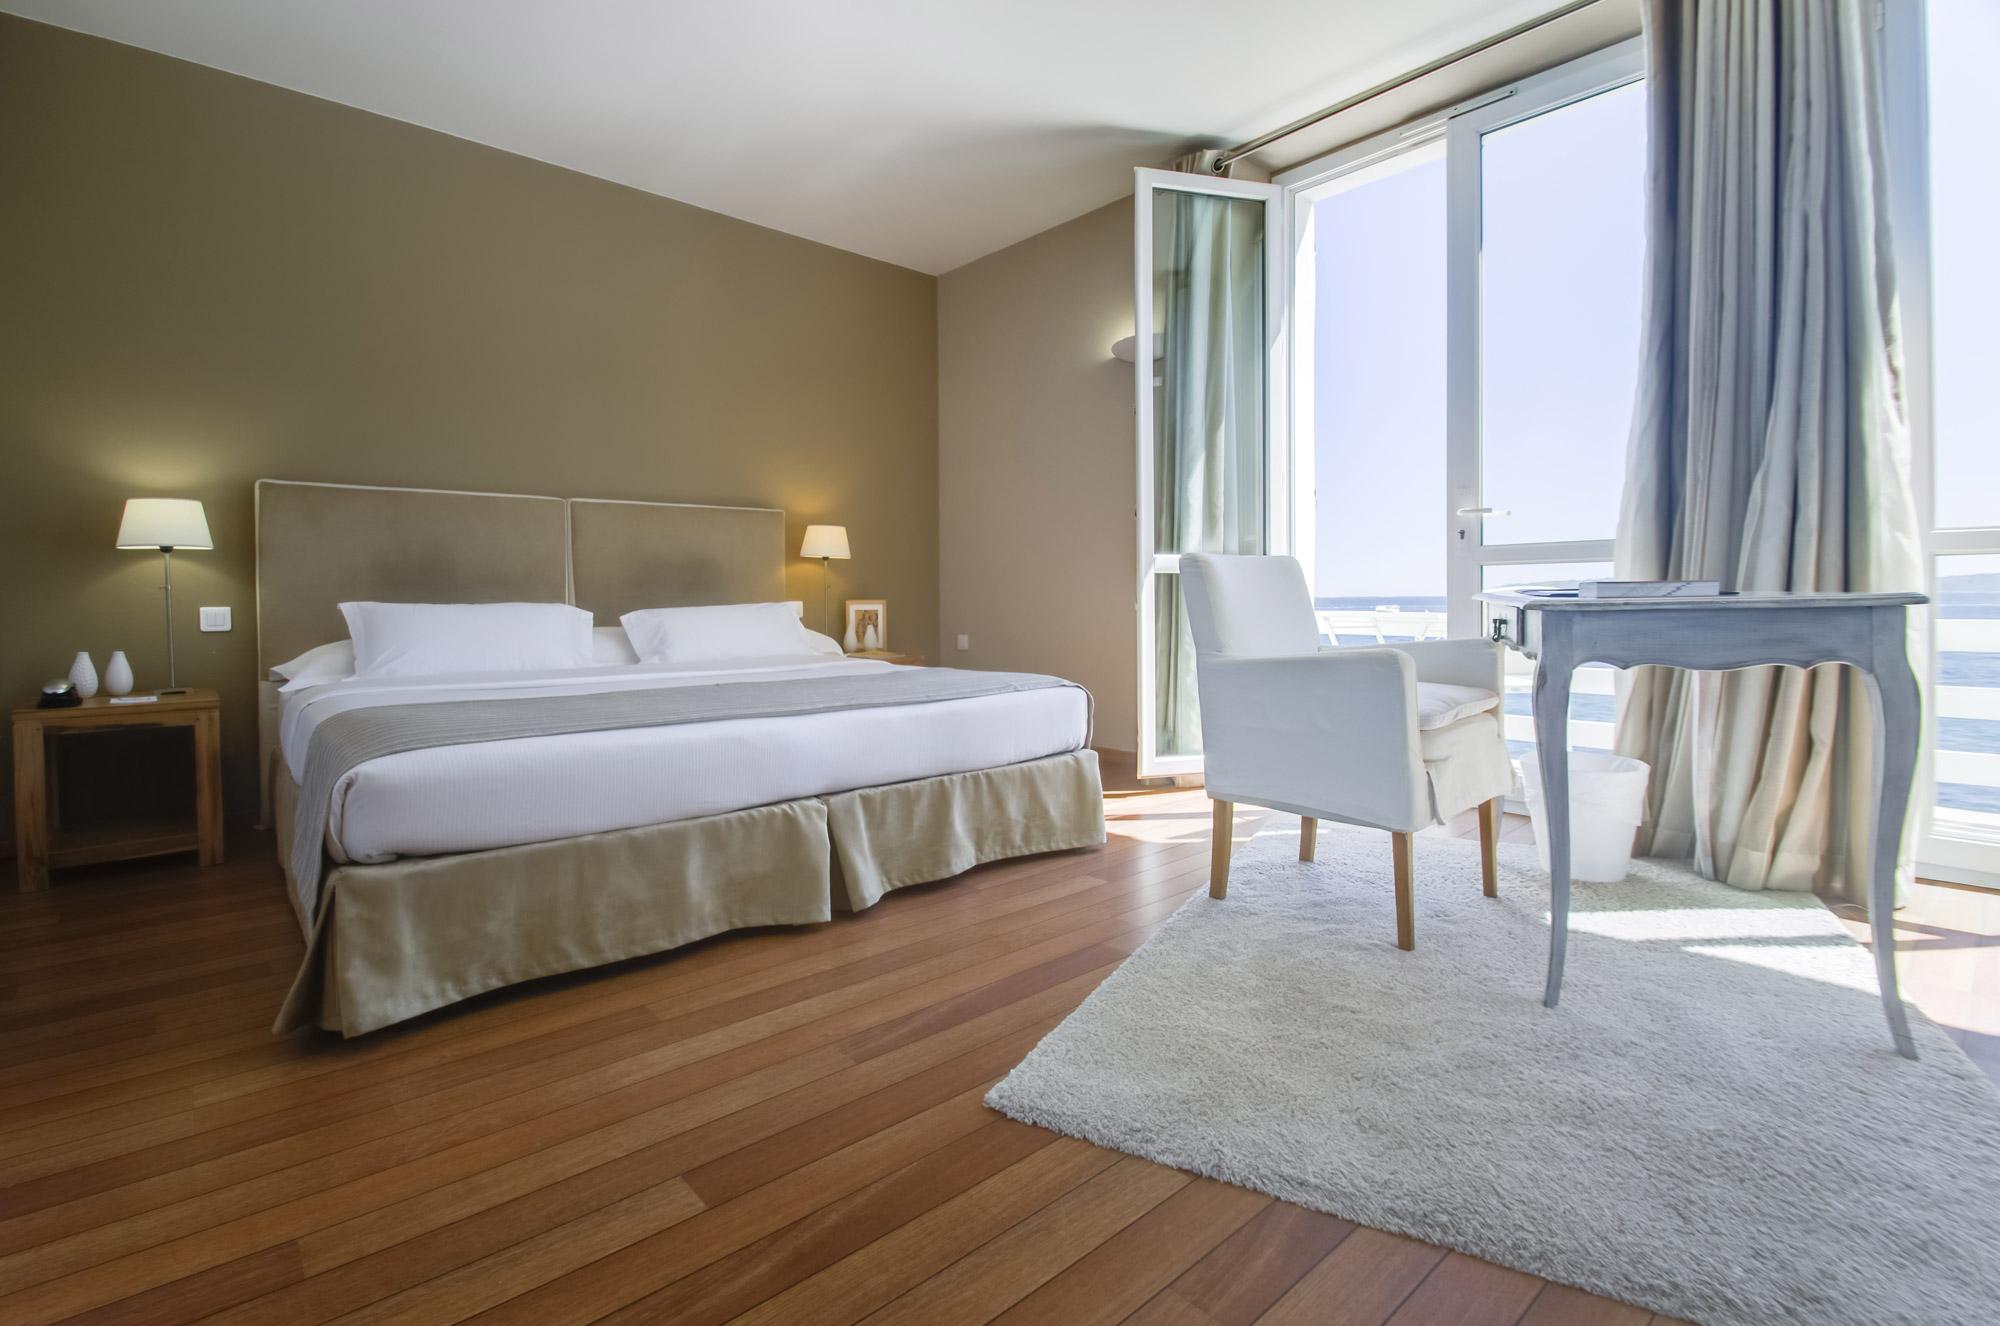 Chambre avec parquet en bois et grande baie vitrée baignée de soleil, donnant sur la mer